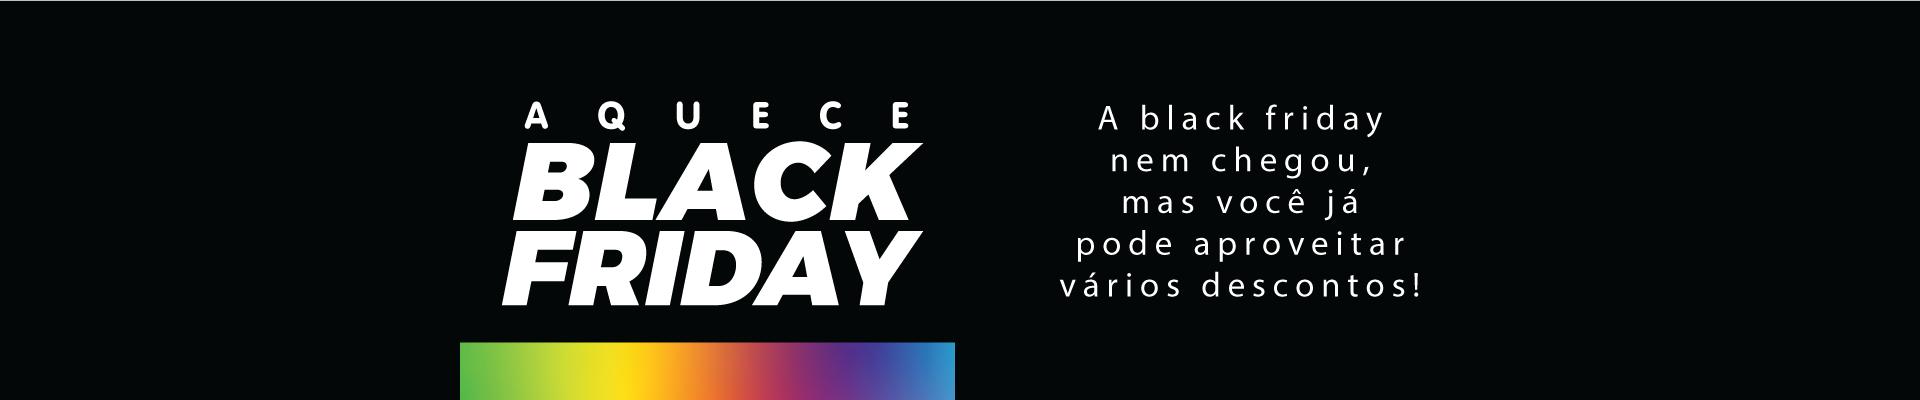 AQUECE BLACK FRIDAY